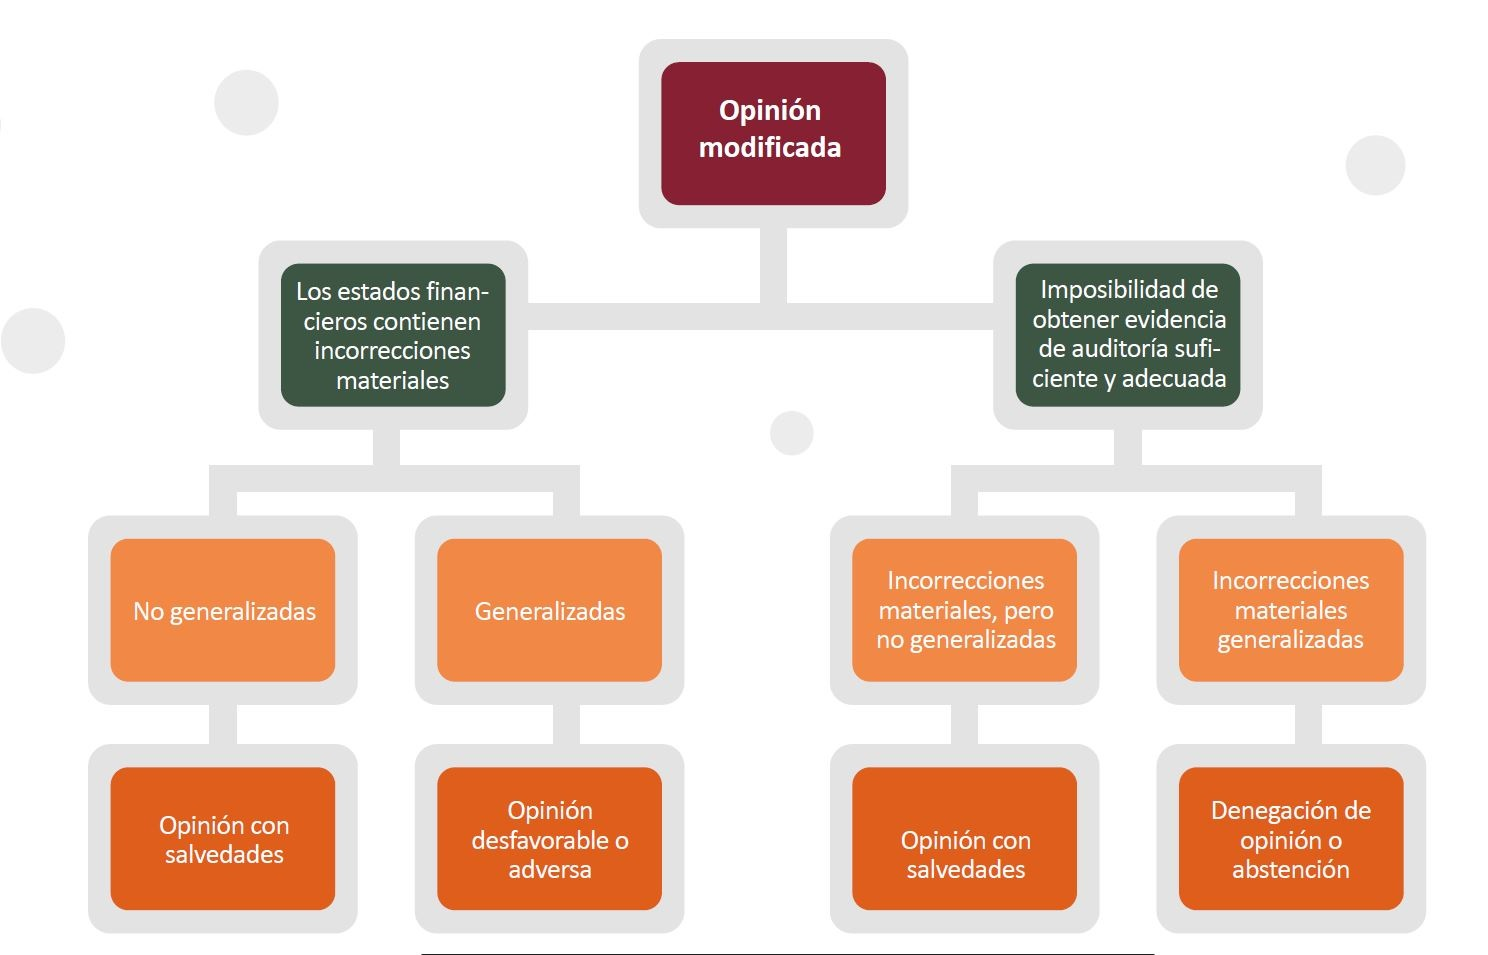 Tipos de opinión modificada del revisor fiscal